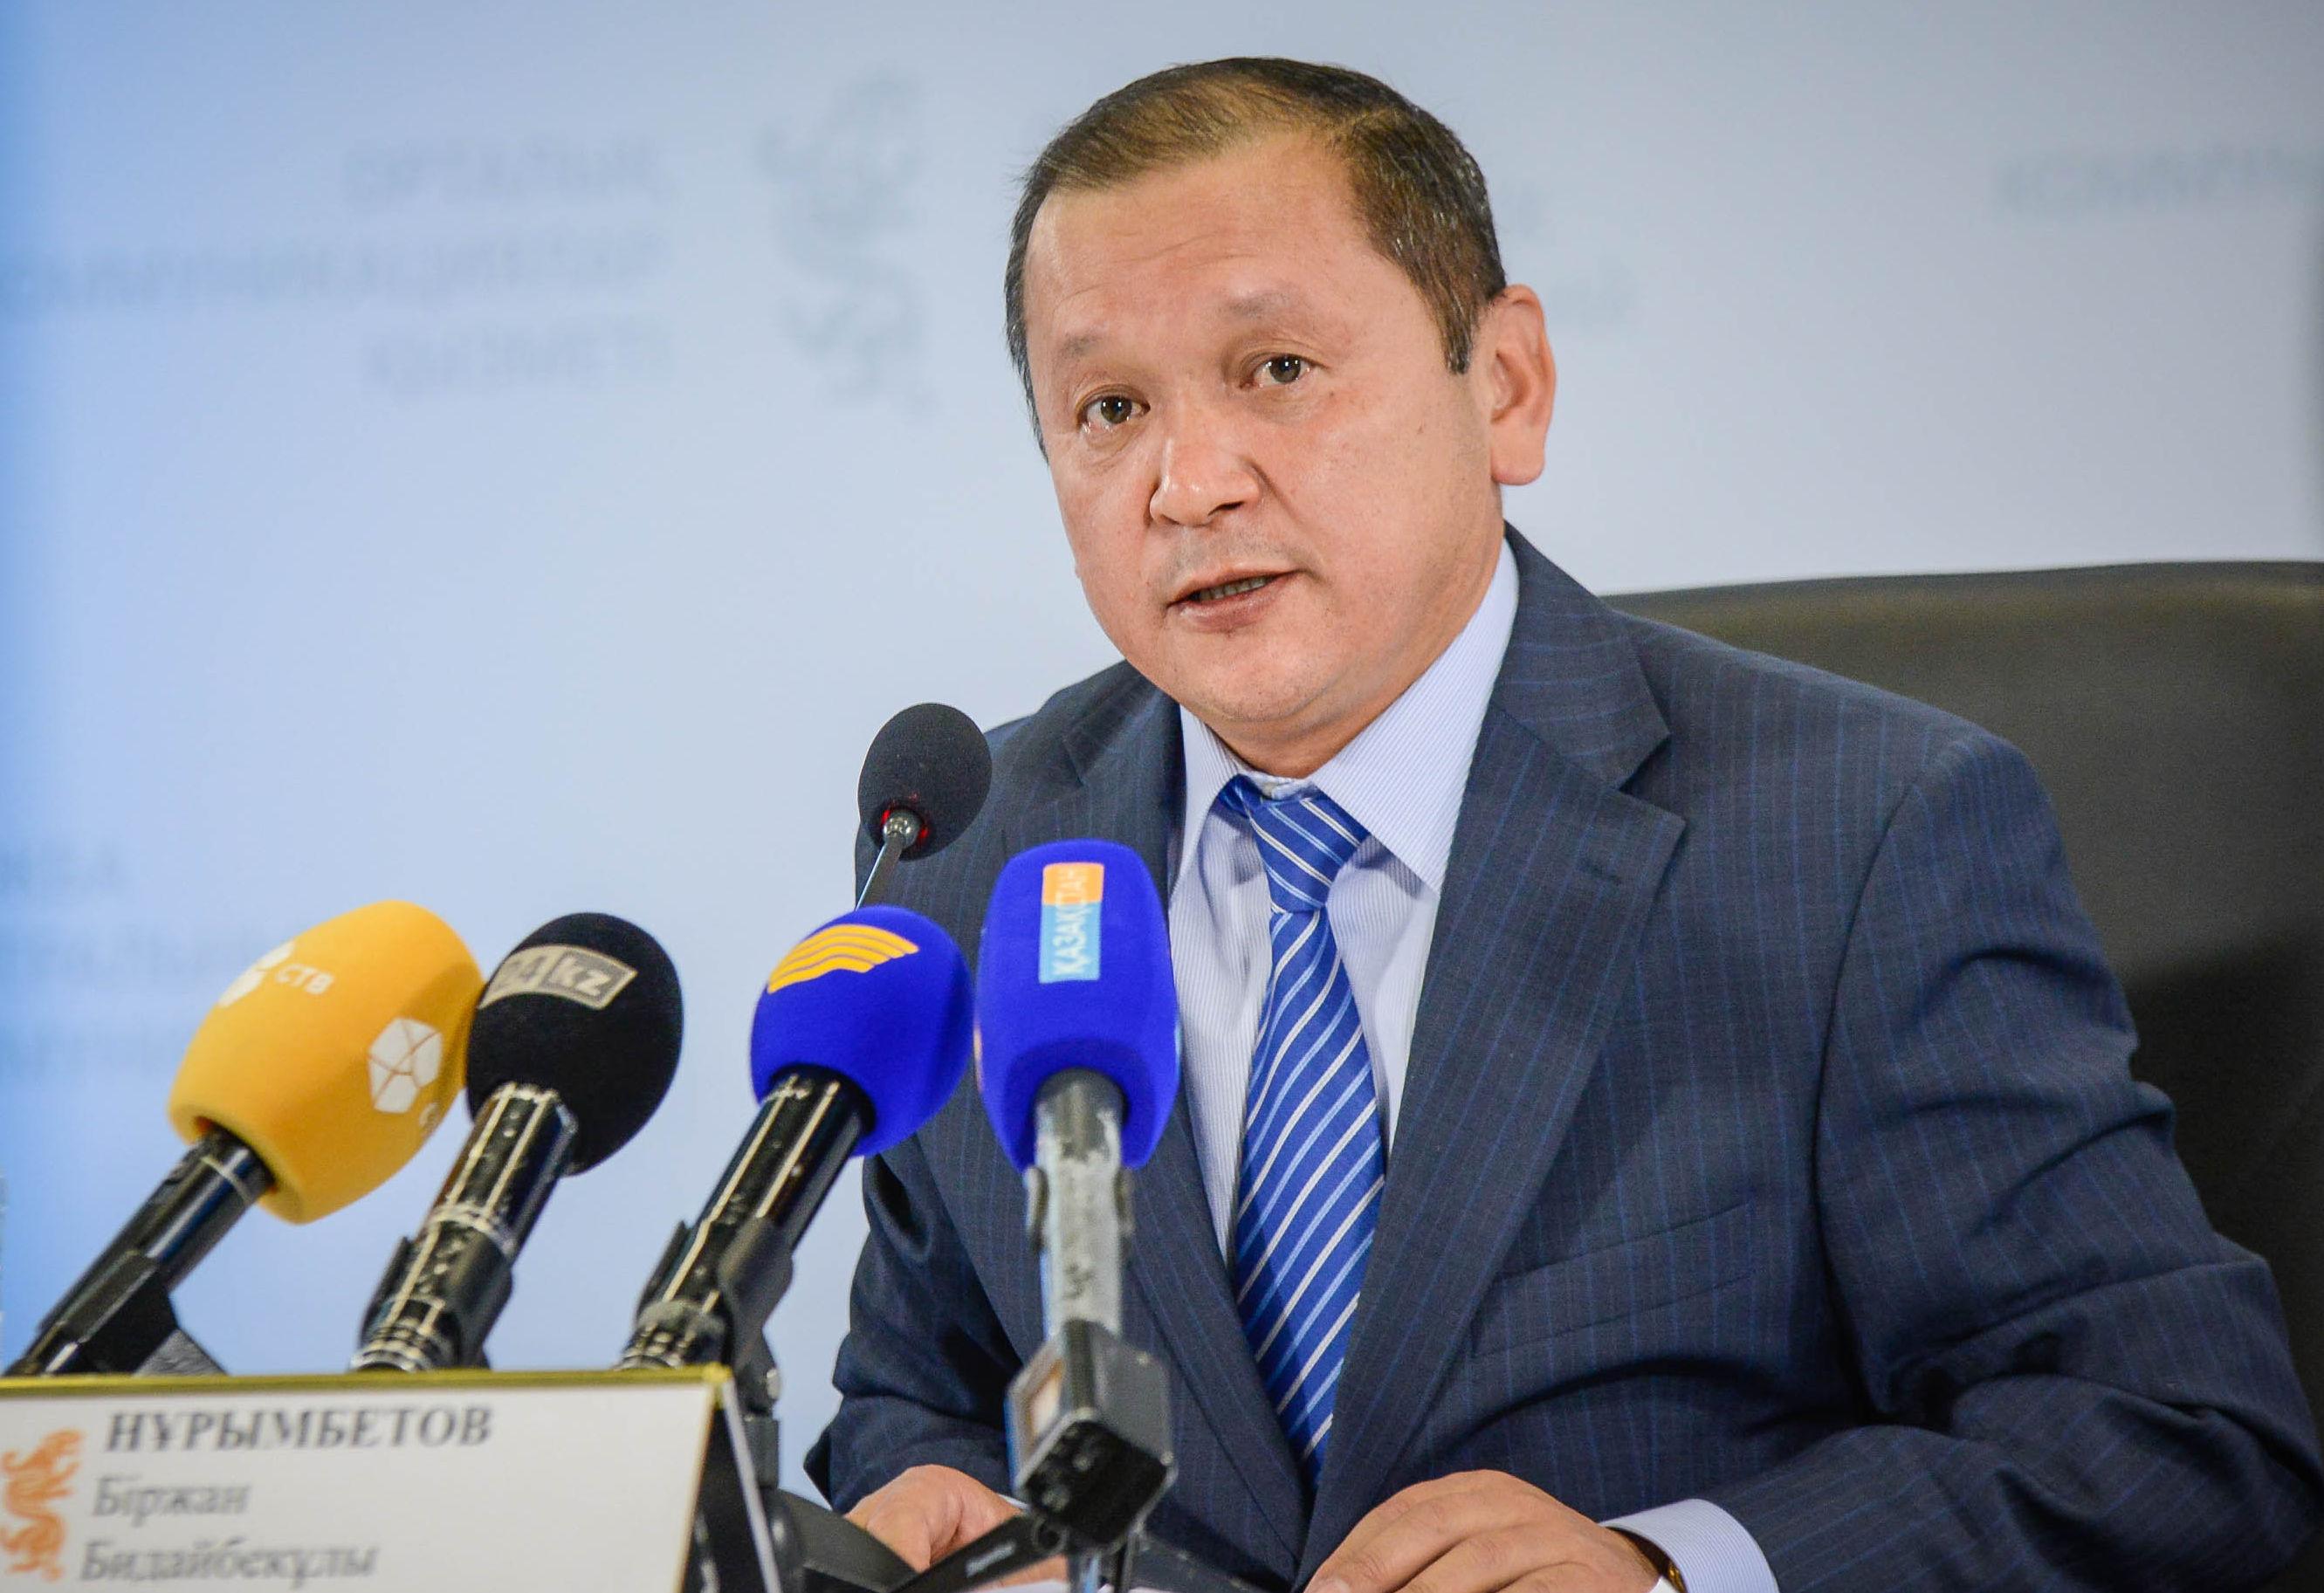 ҚР Еңбек және халықты әлеуметтік қорғау министрі Алматыға келді